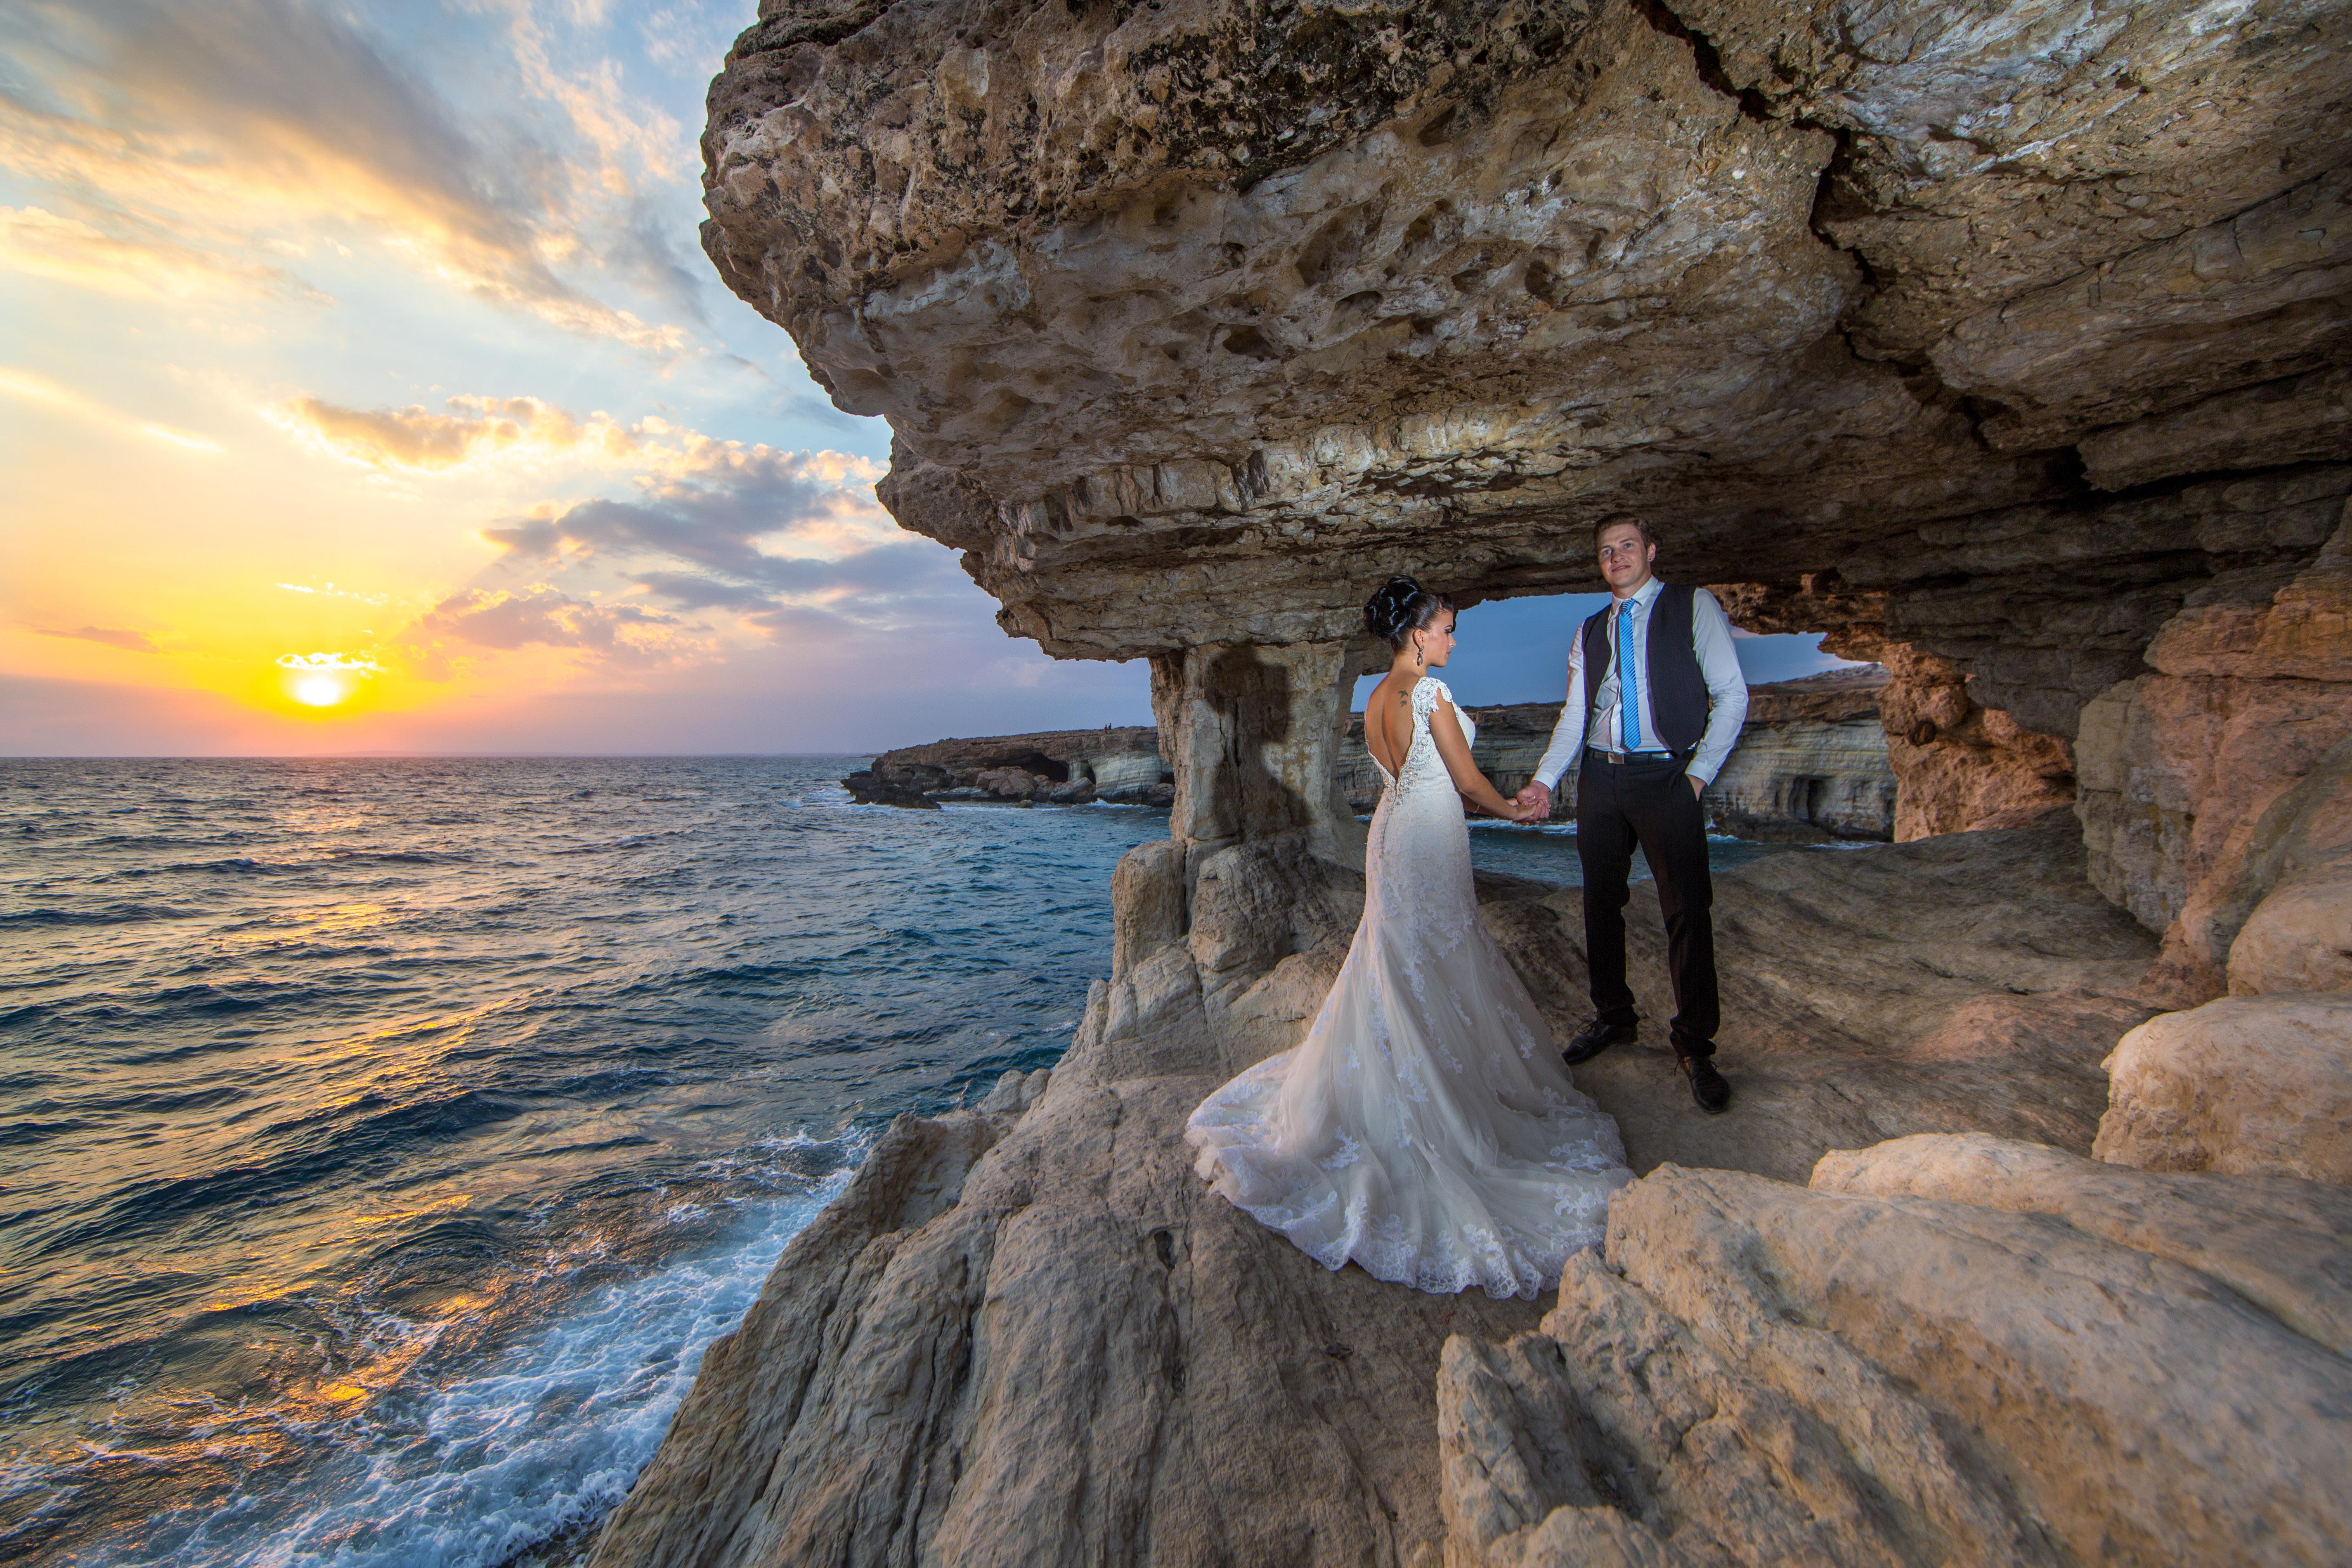 проблема коленным свадебный тур на кипр цены 2016 Краны мгновенного нагрева